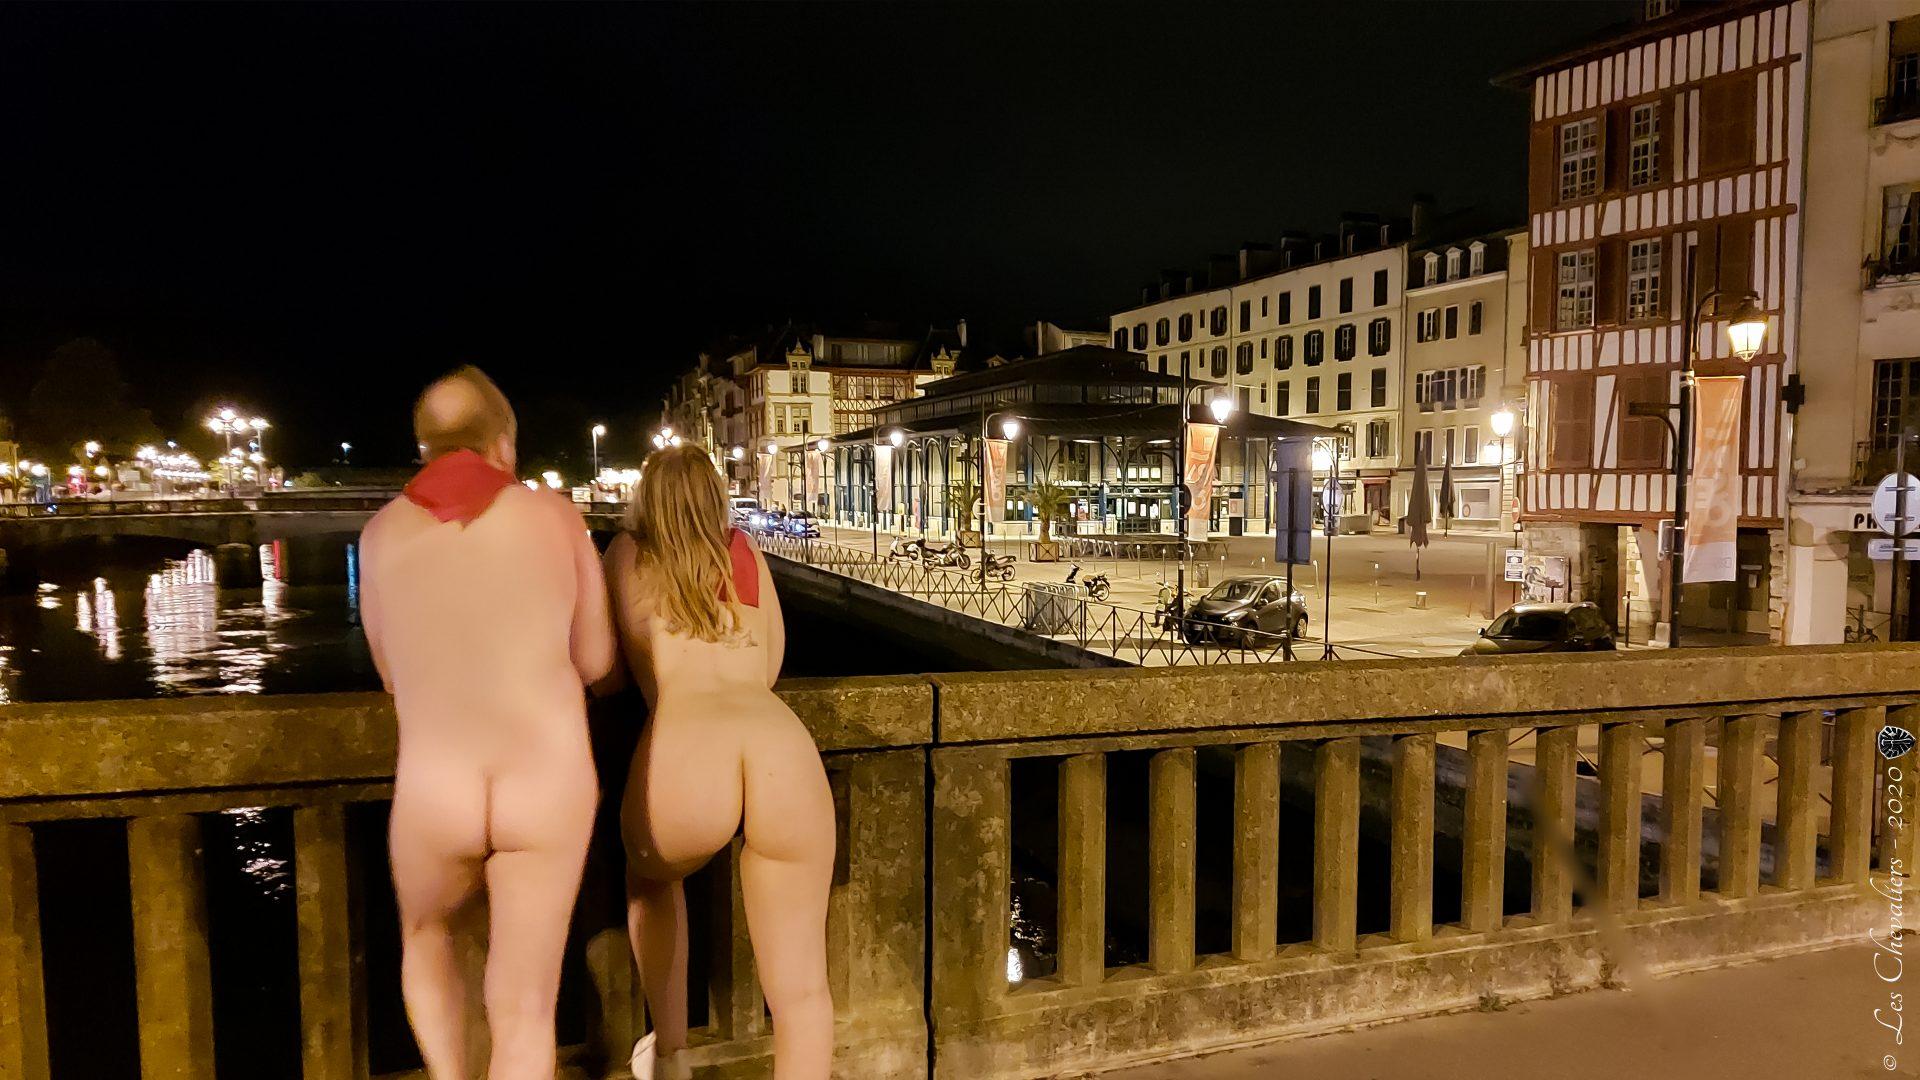 """Pont de Bayonne, une photo de la collection """"Performance, ou le nu interdit"""" par Les Chevaliers Photographes."""